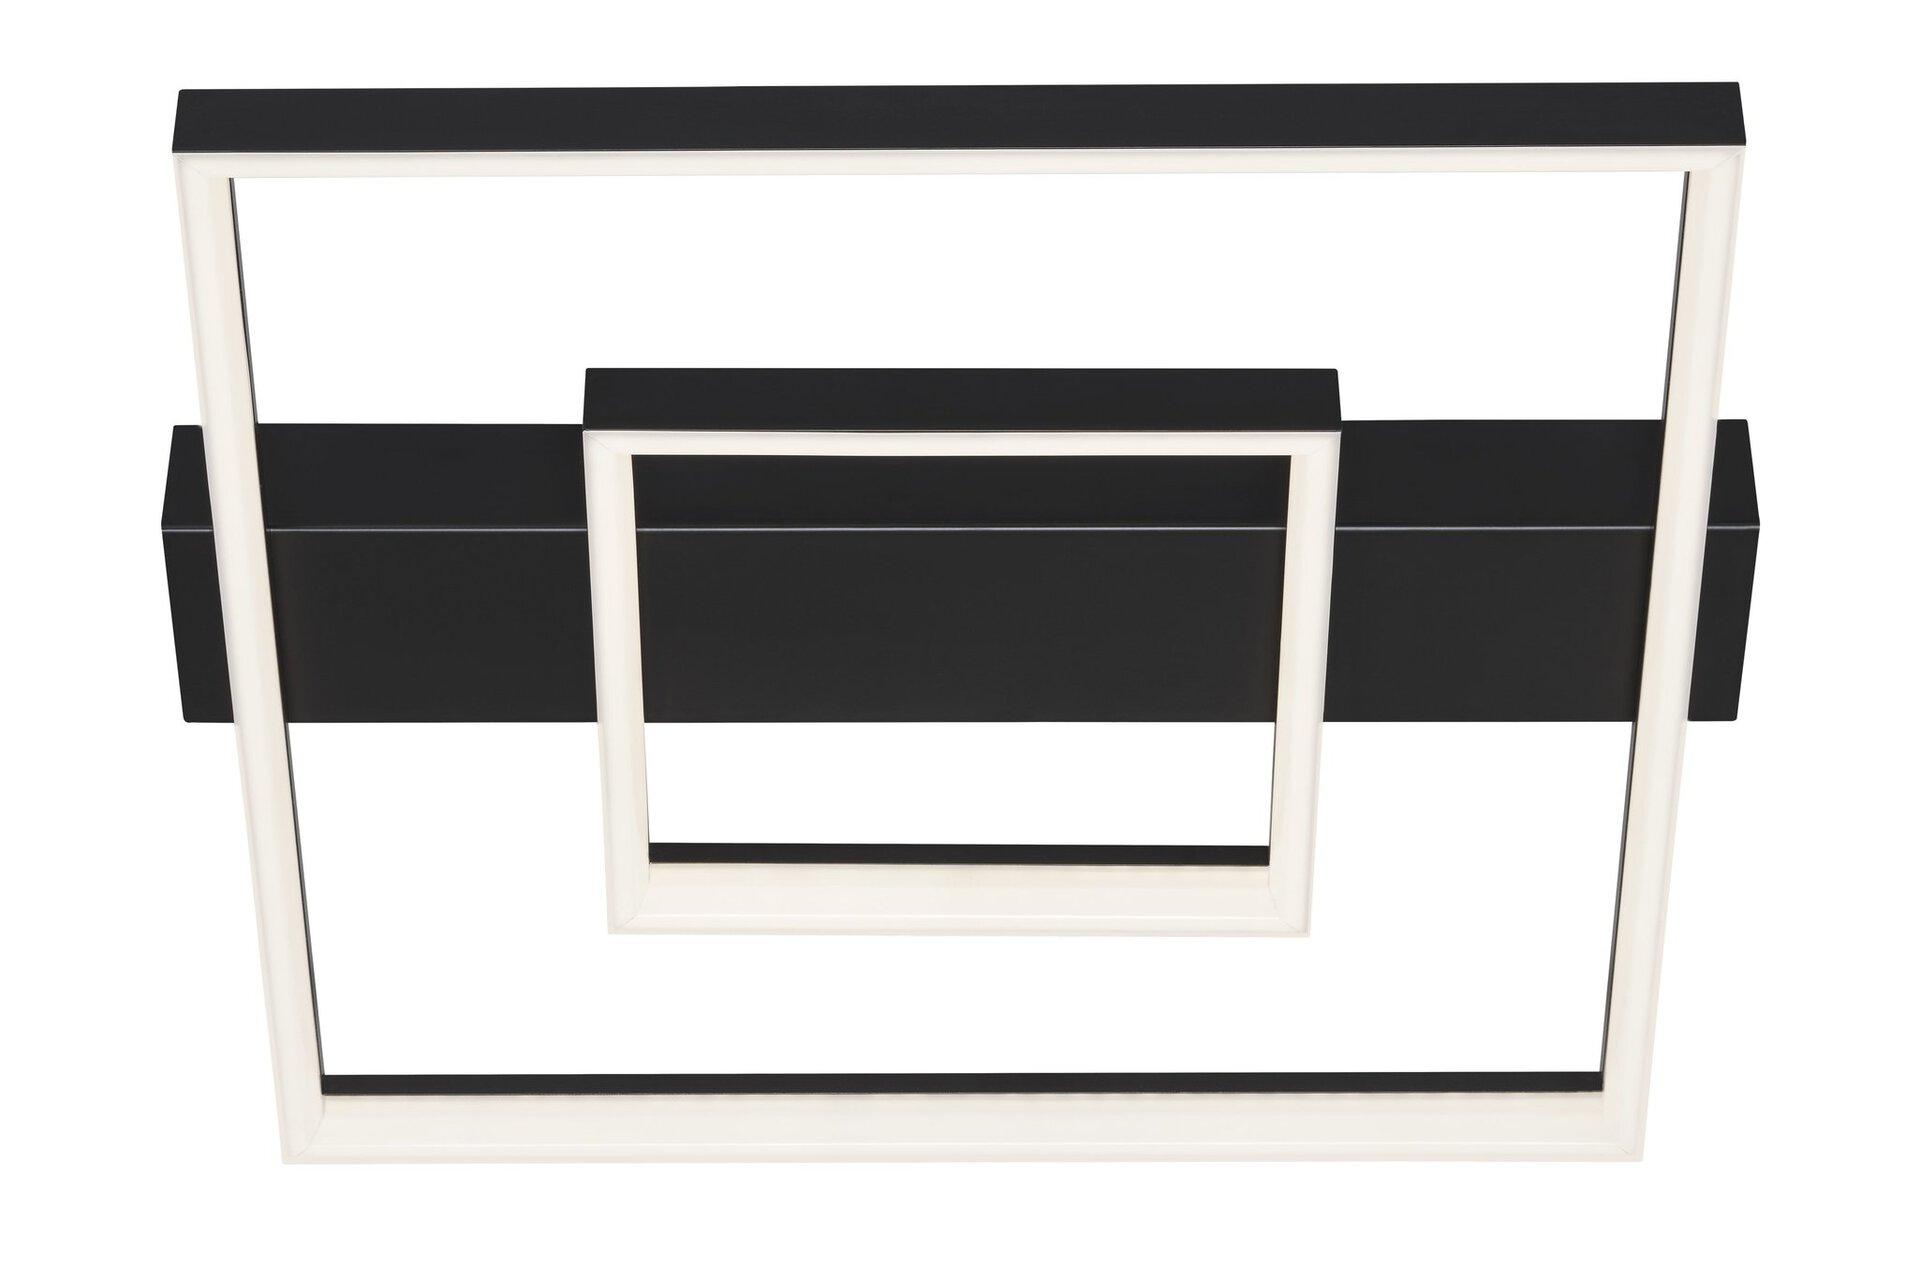 Deckenleuchte FRAME Briloner Metall schwarz 40 x 7 x 44 cm